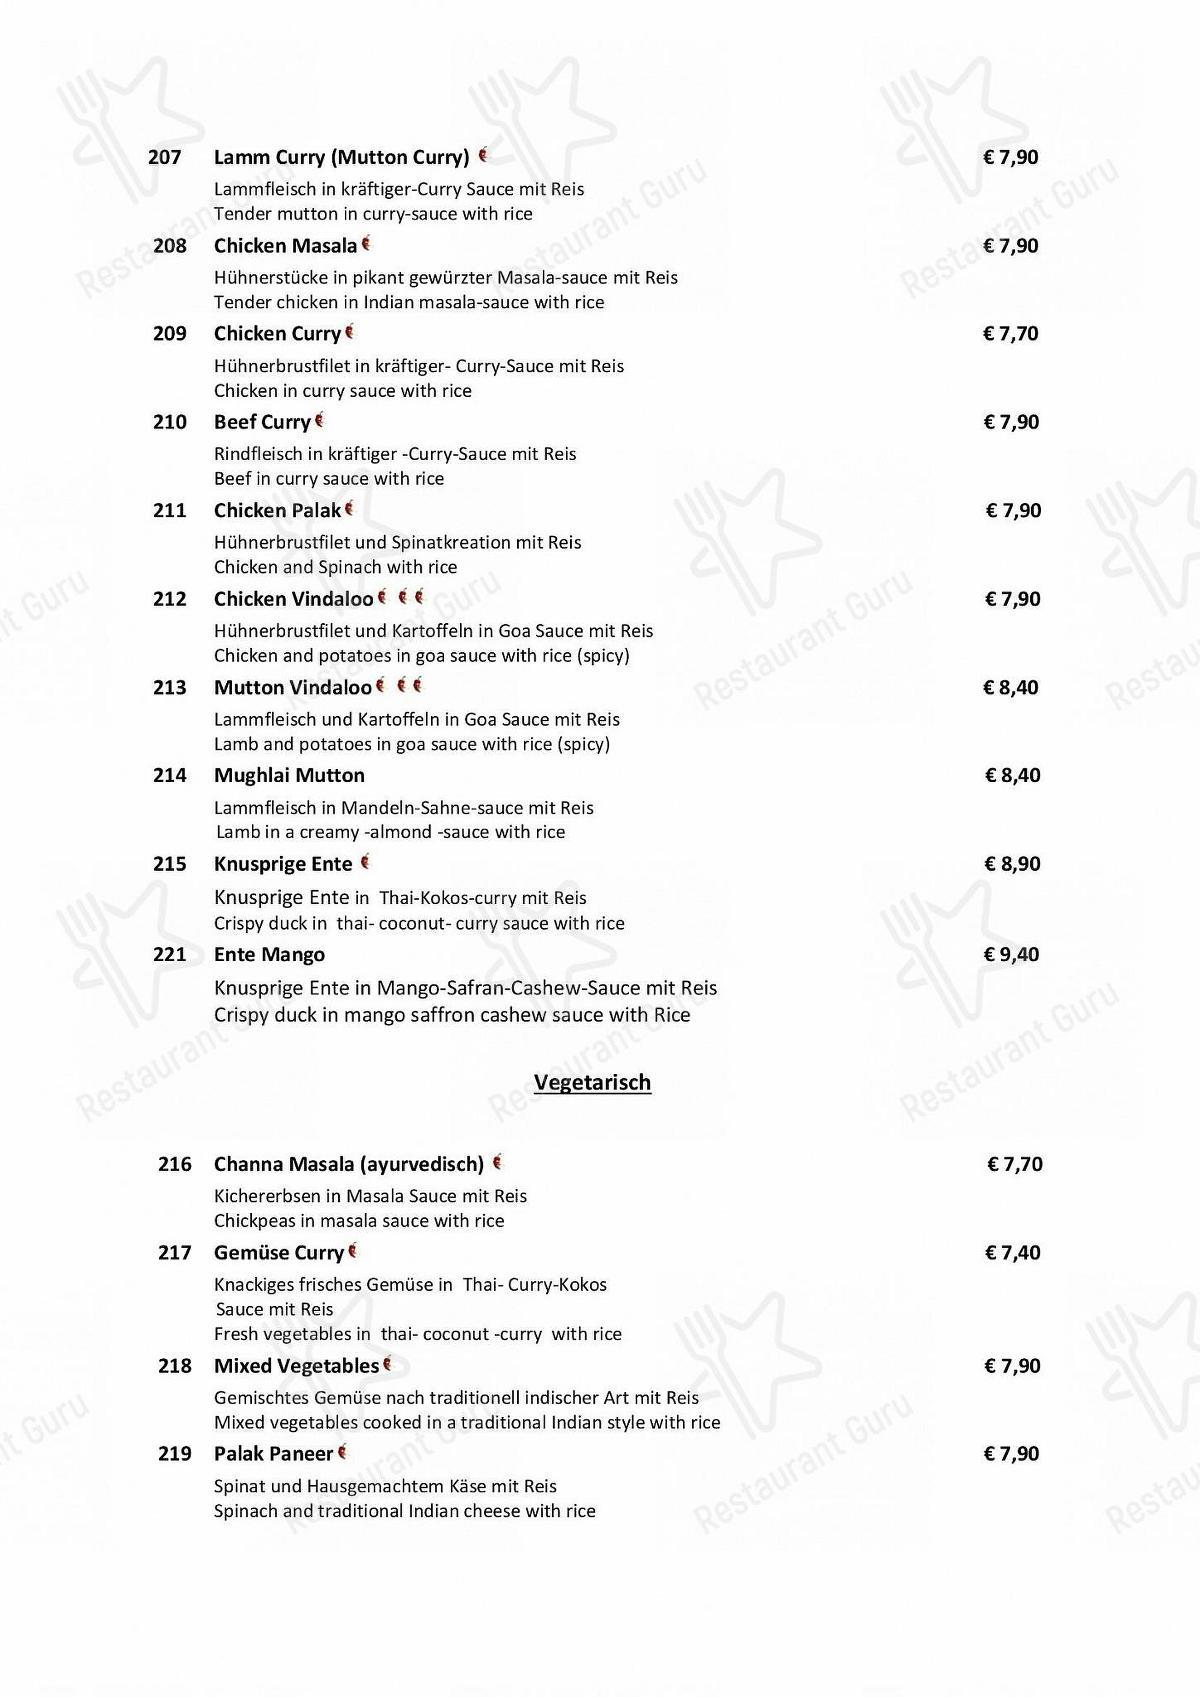 Bollywood in München - Lunch Menu